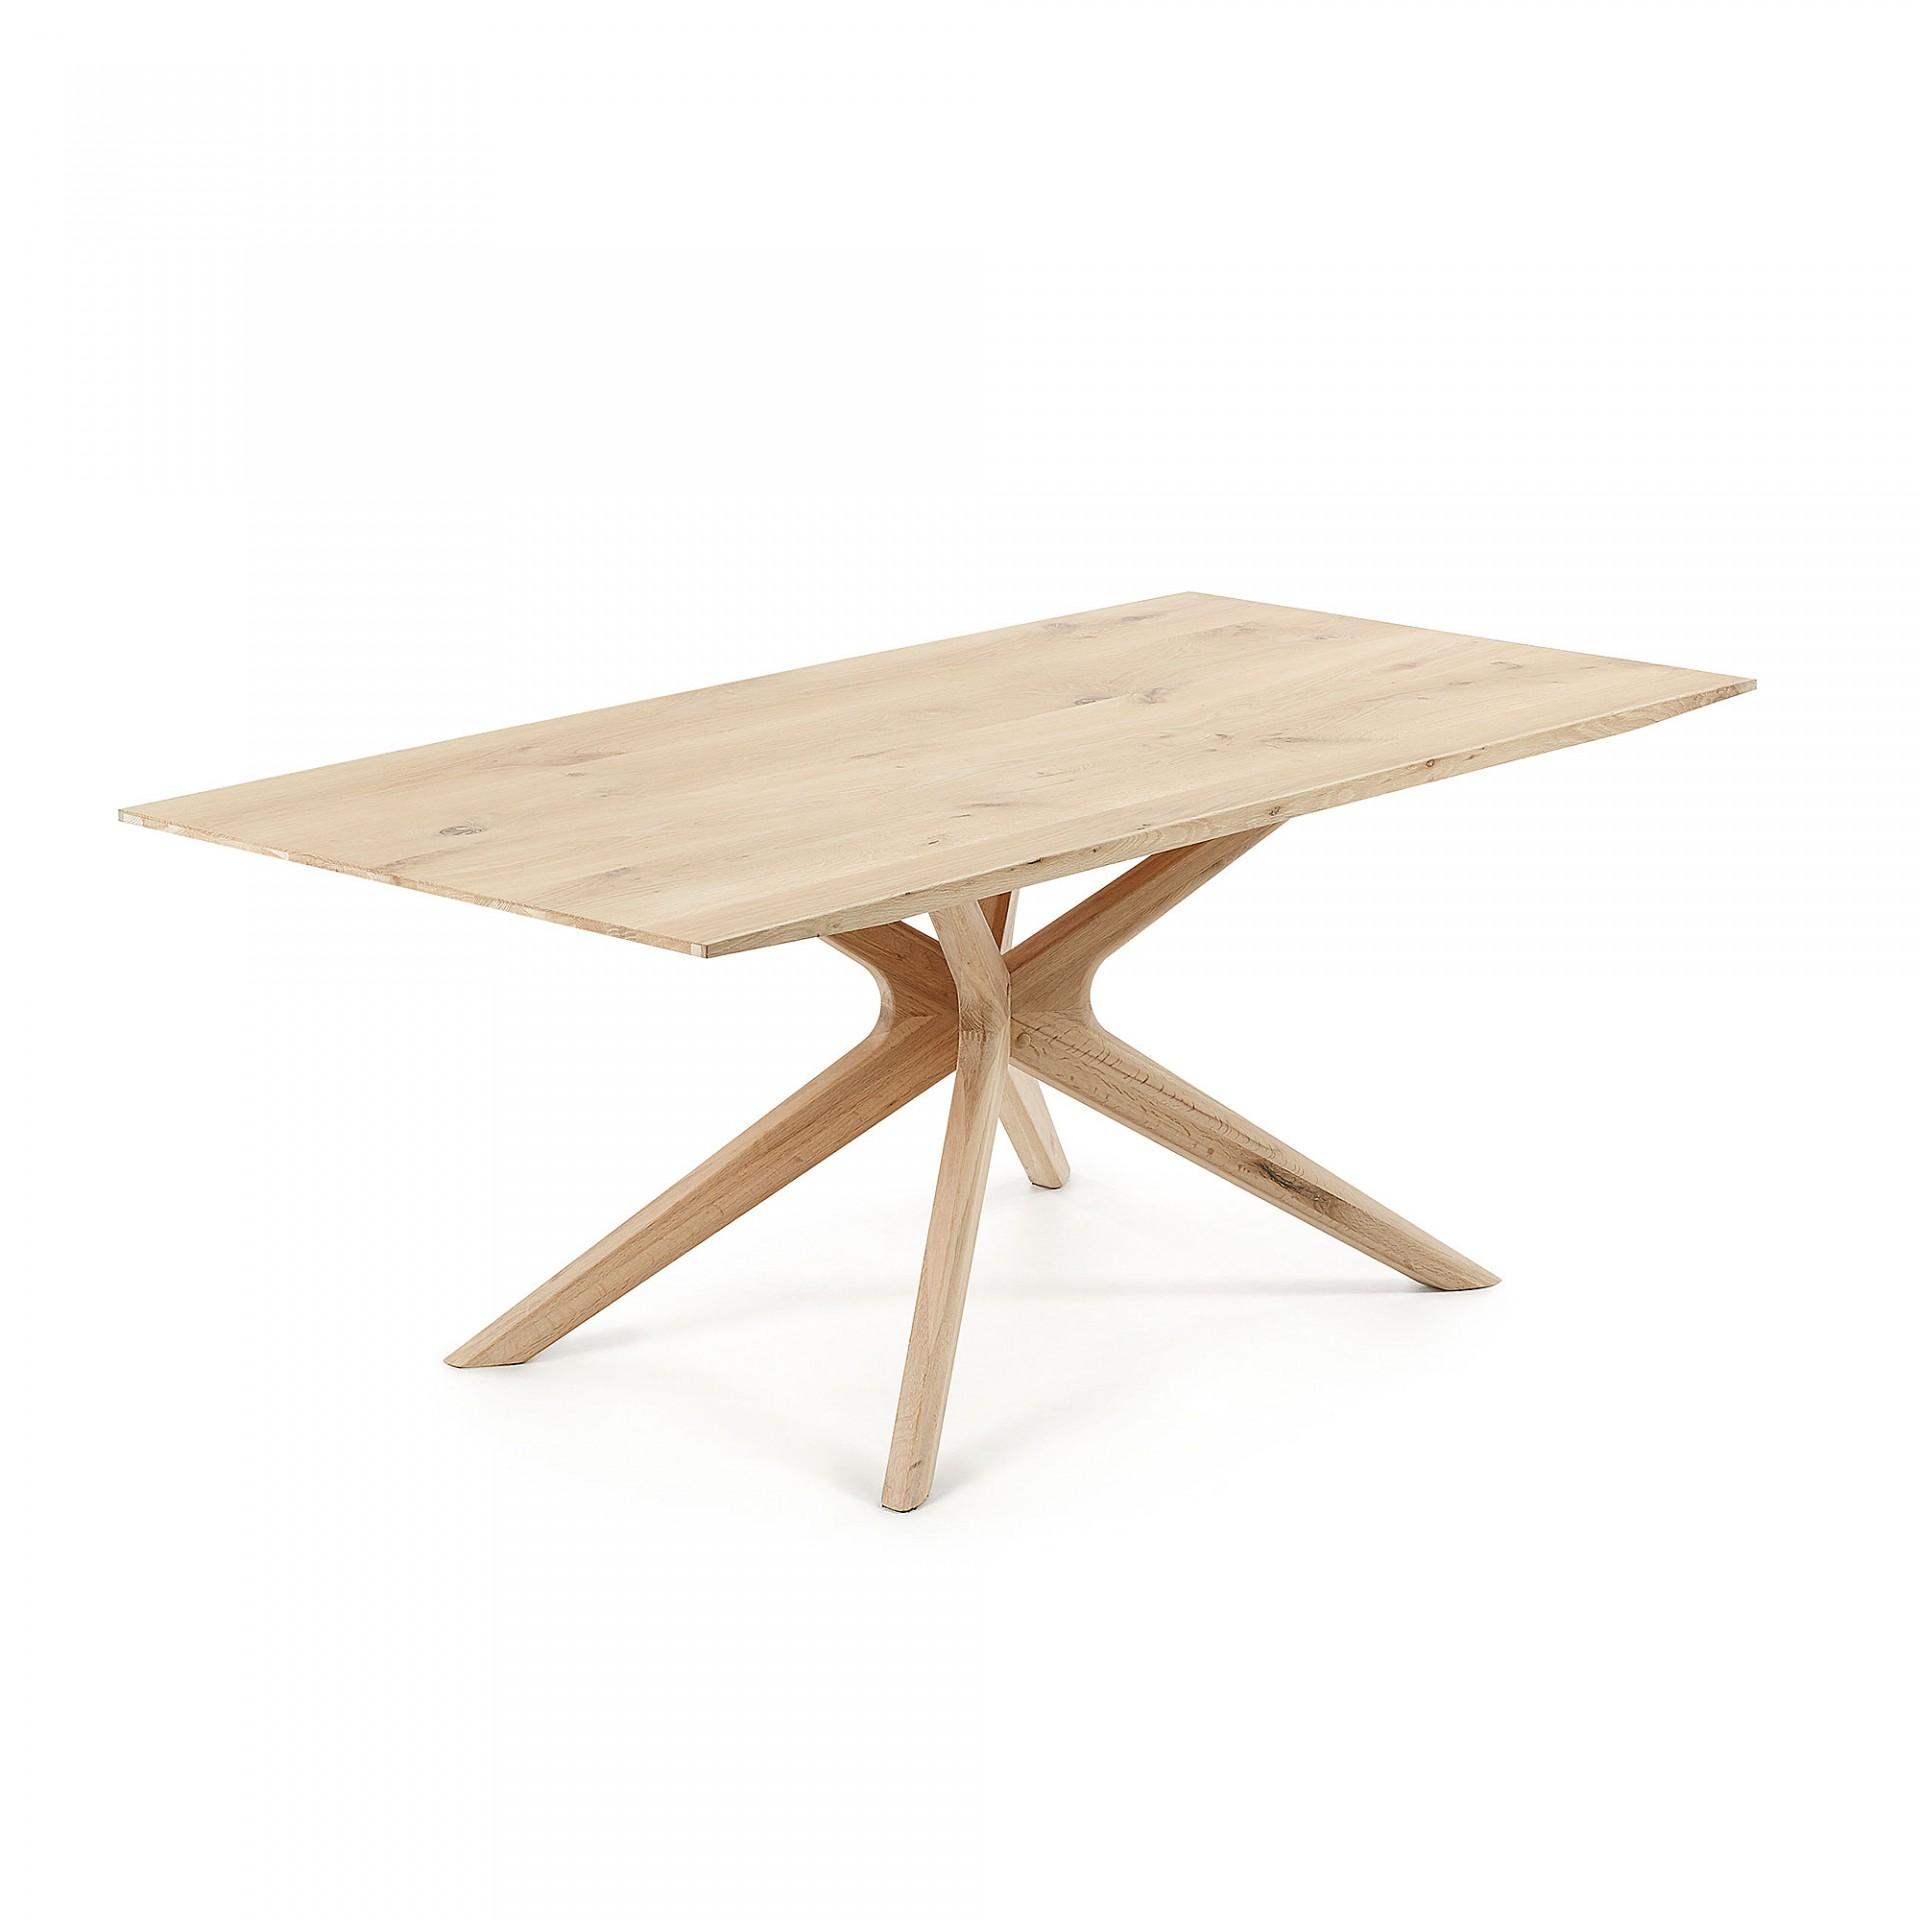 Mesa de jantar, madeira de carvalho natural, 200x100 cm